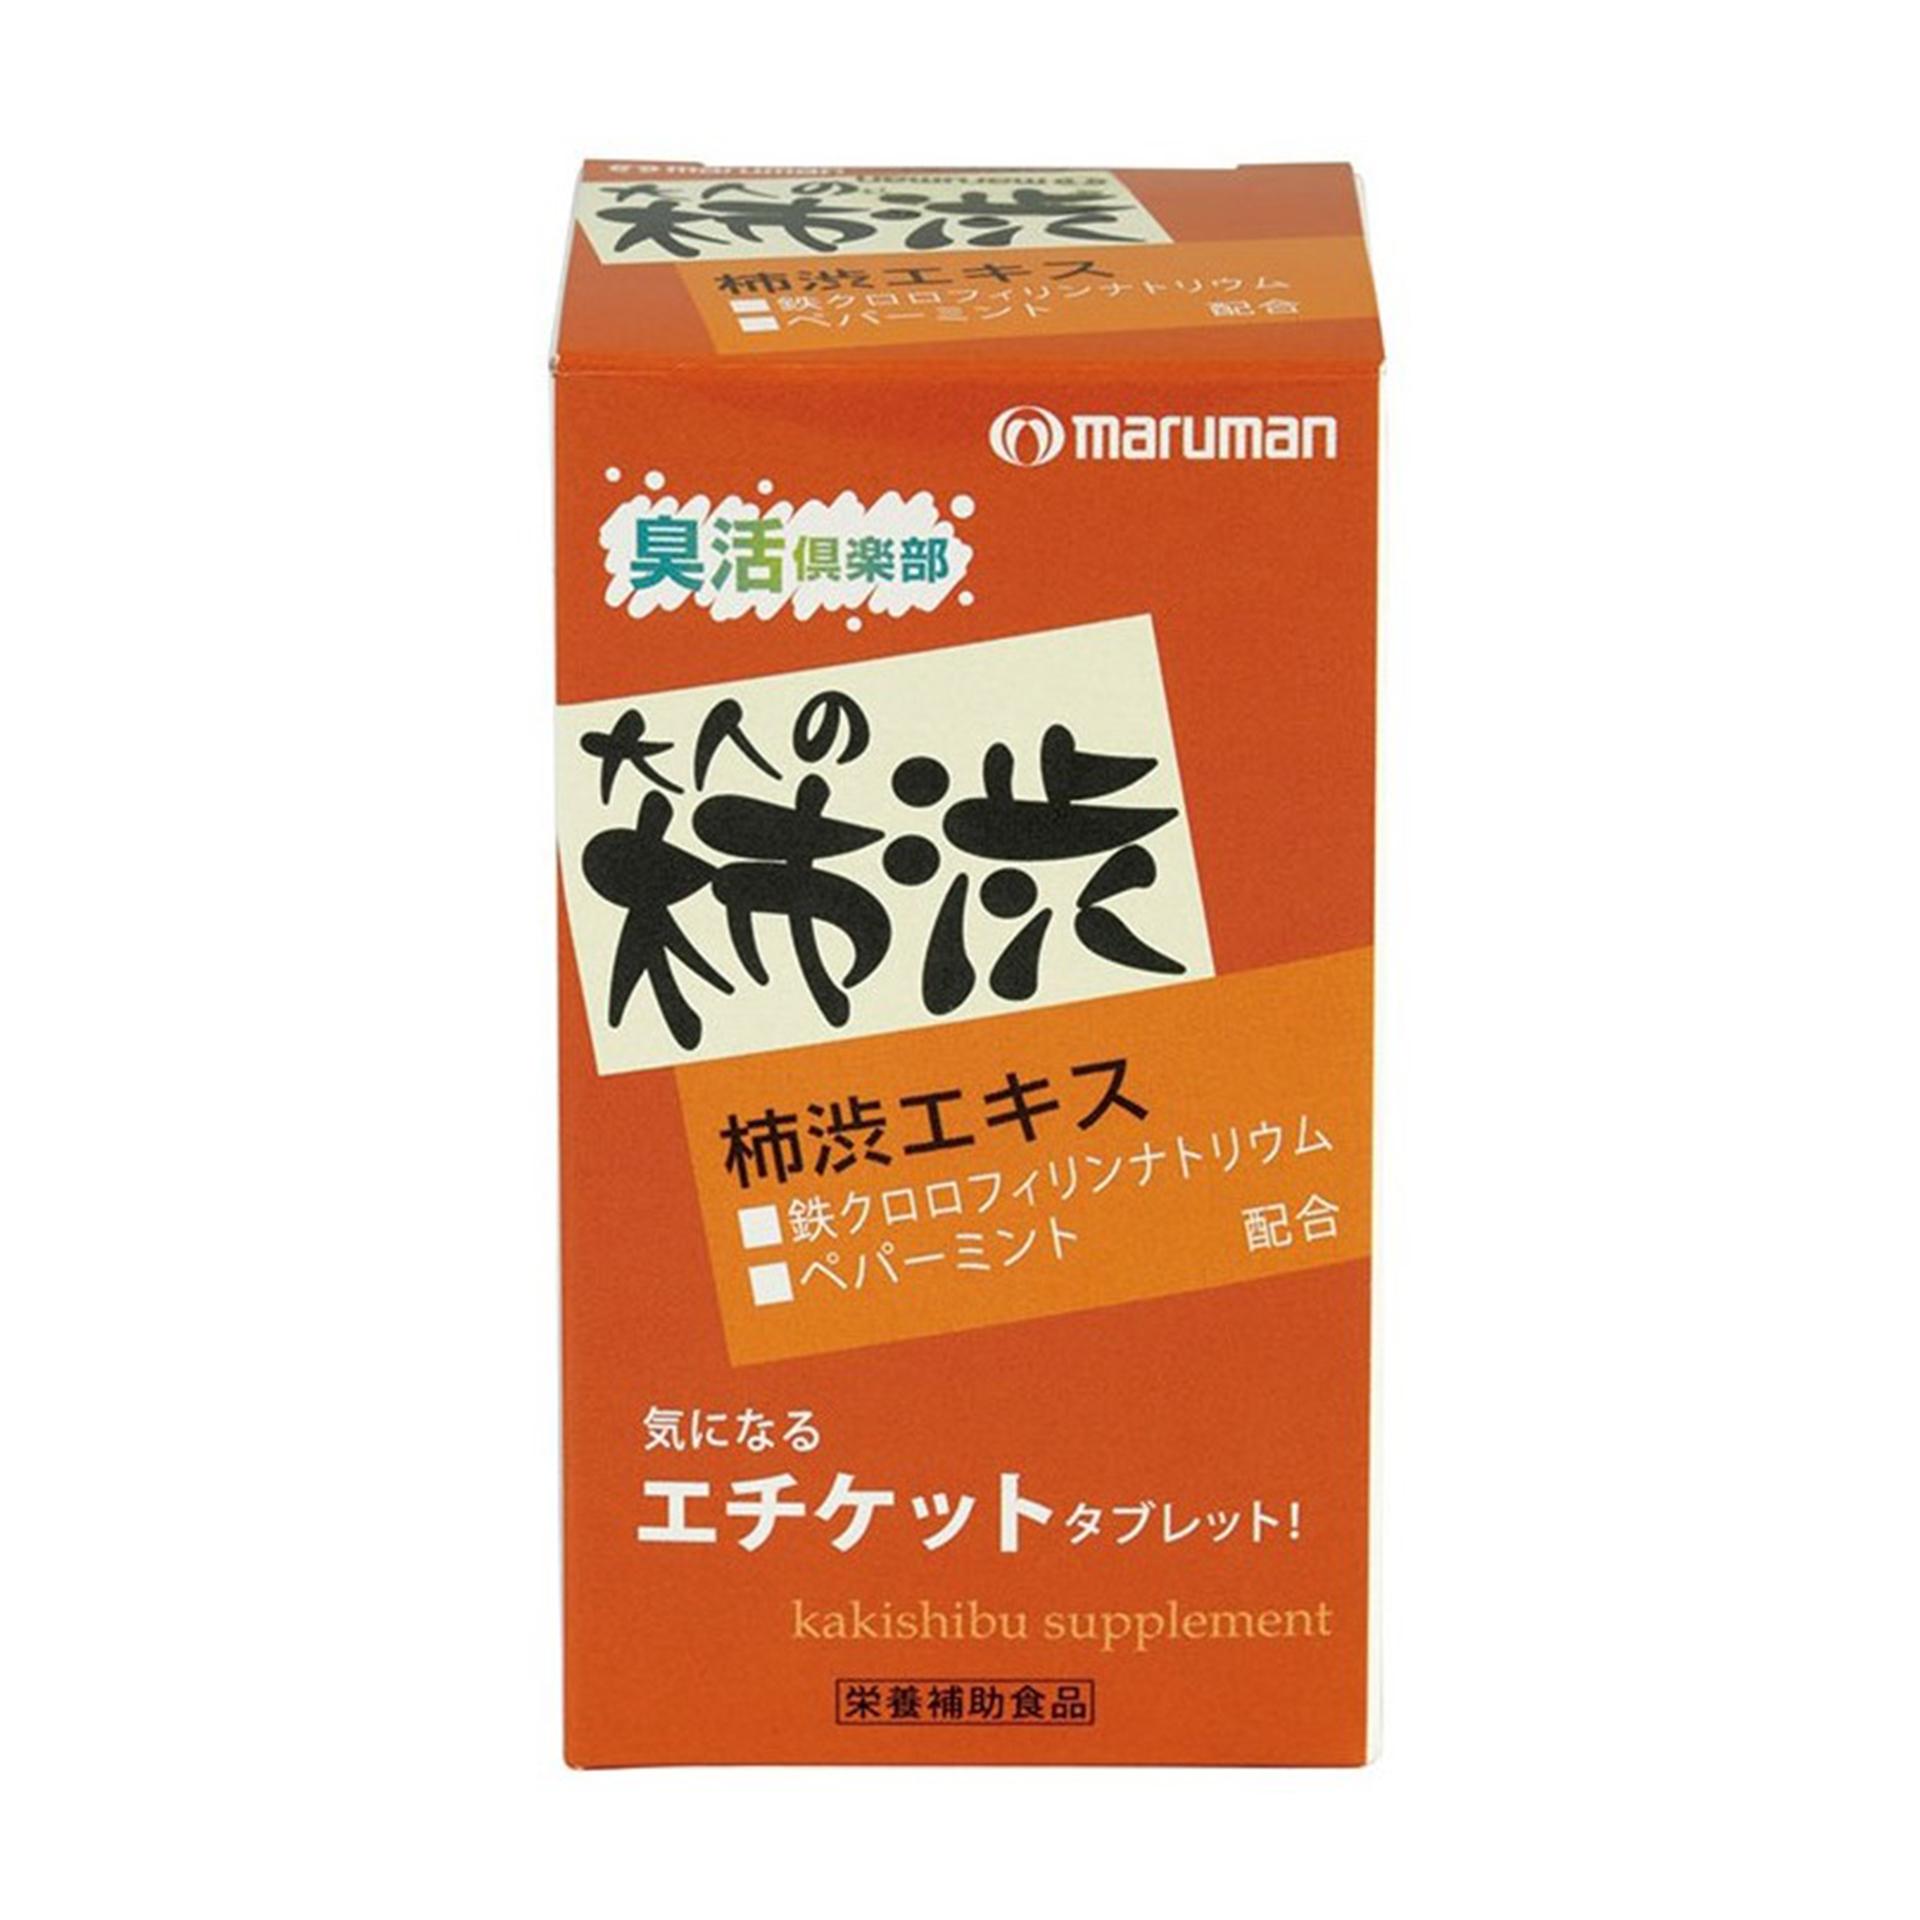 【柿渋サプリ】 大人のエチケットサプリ